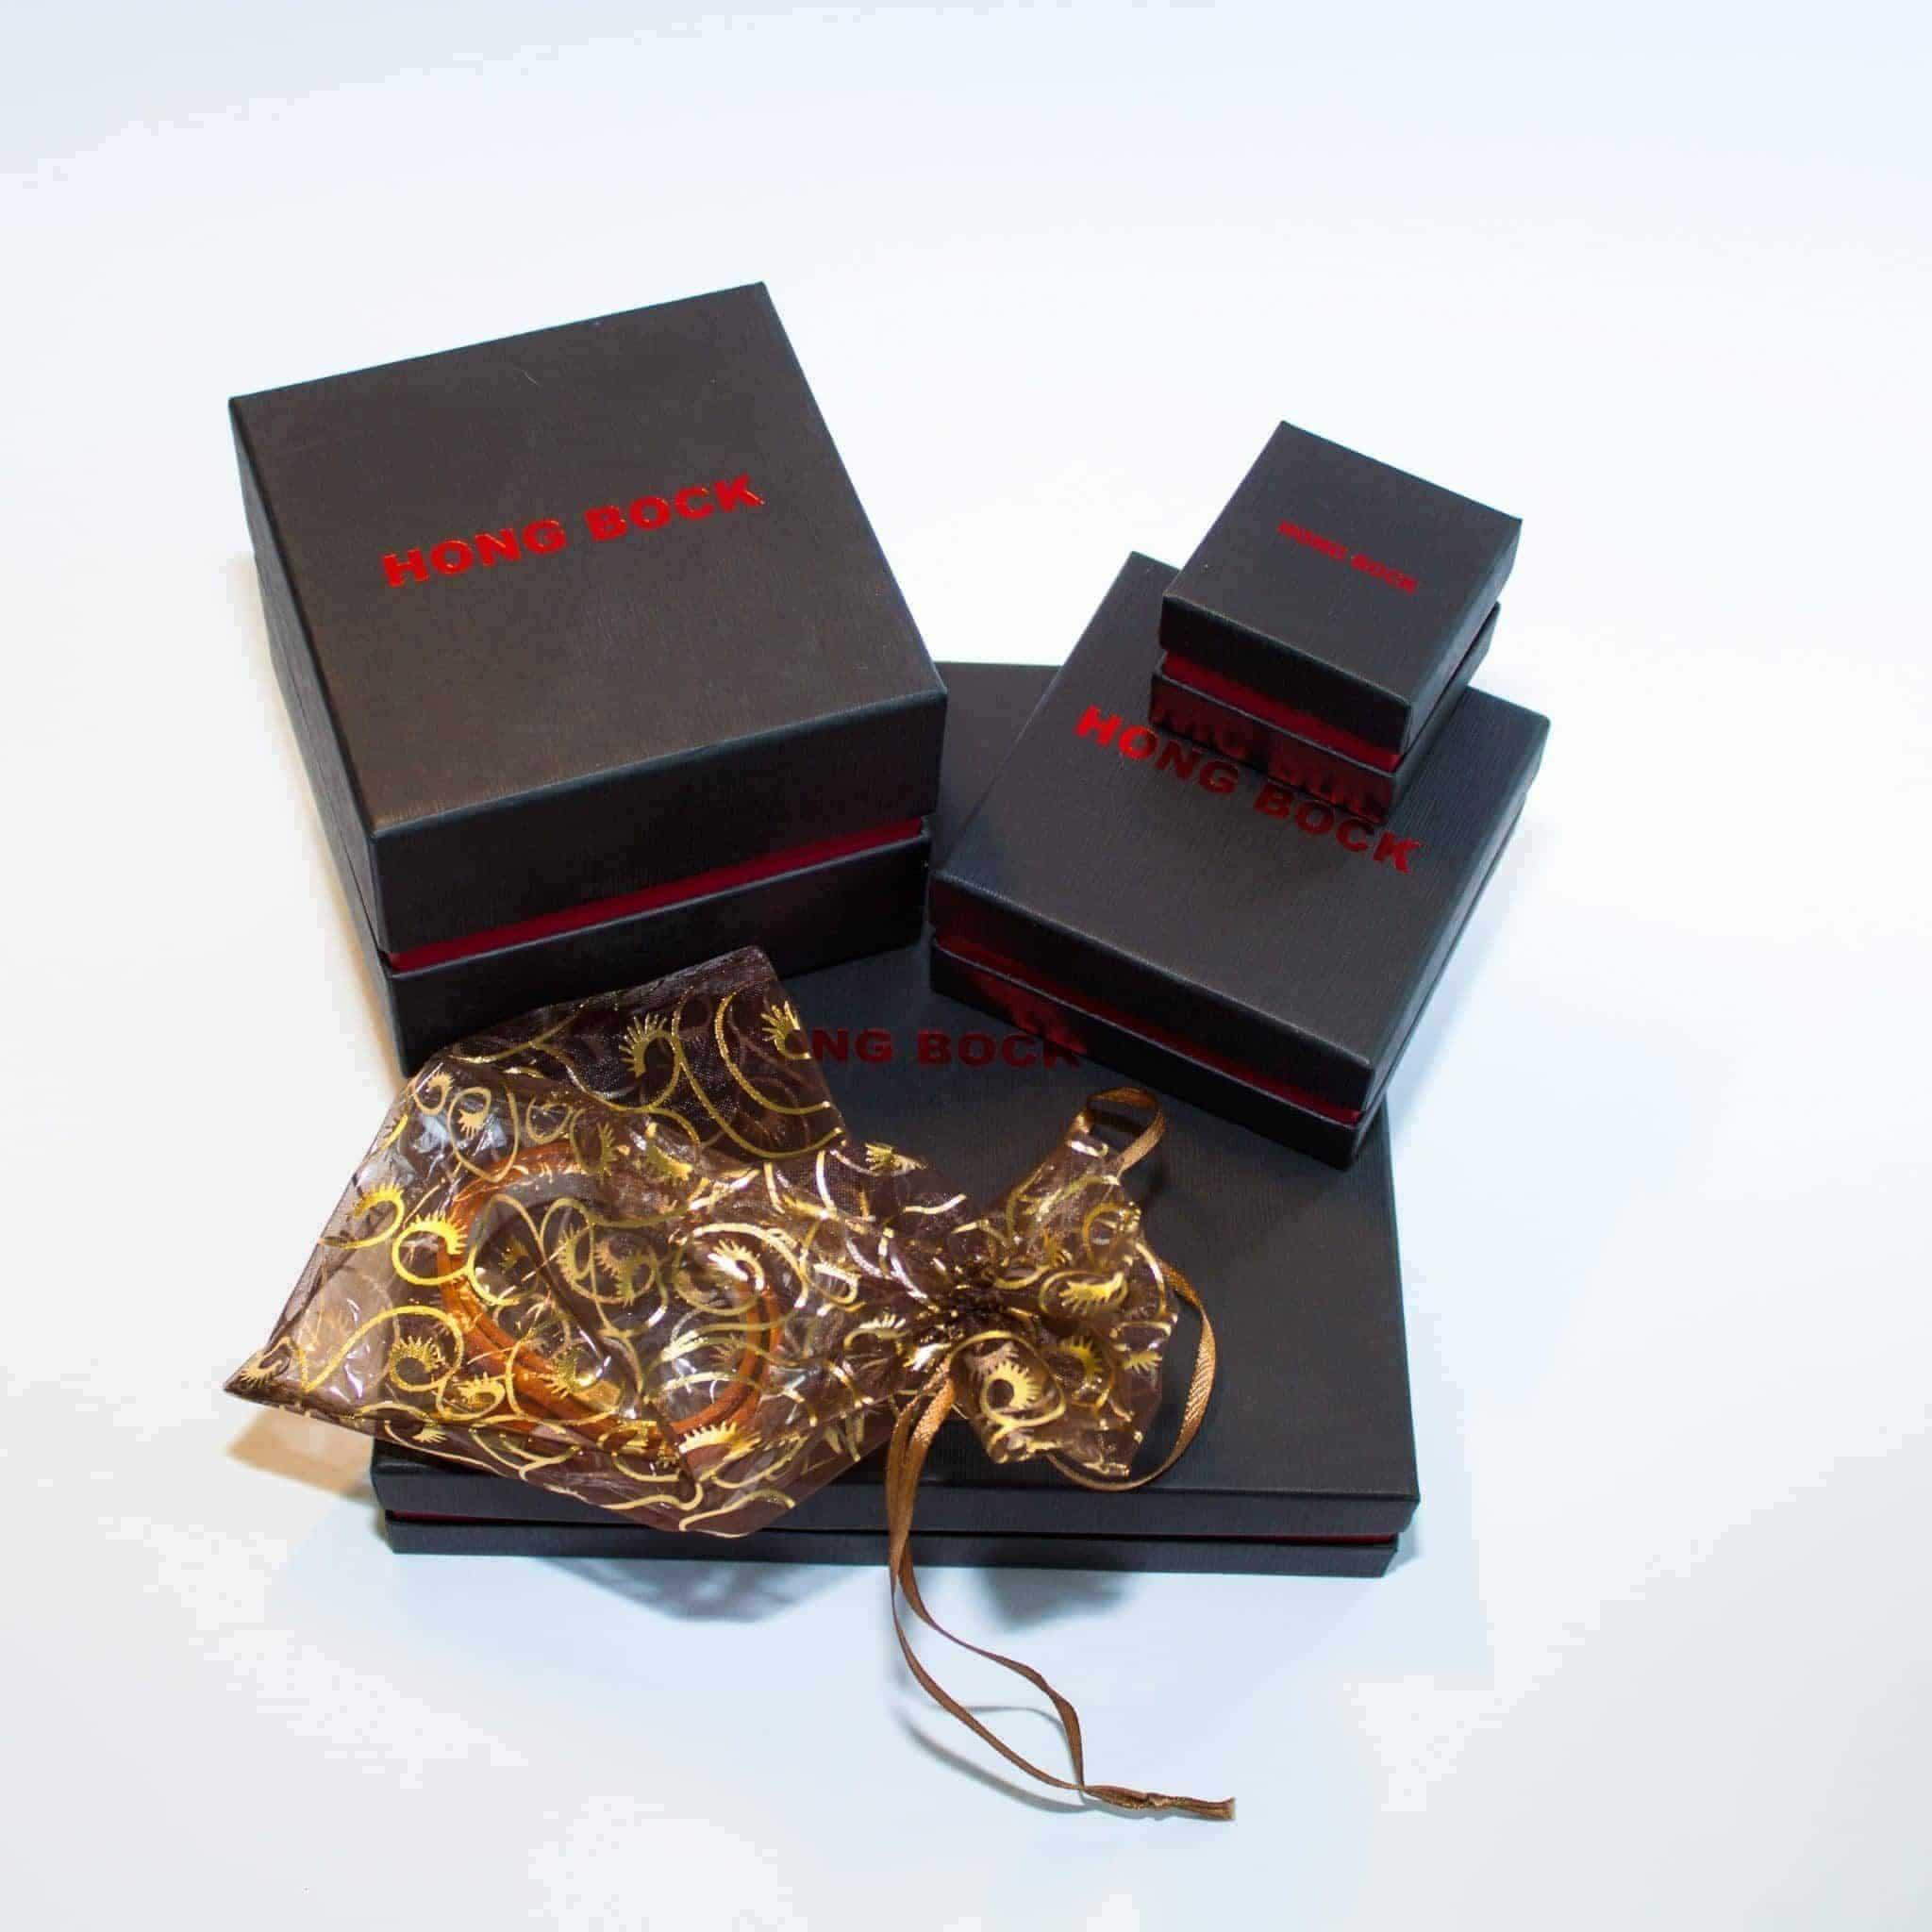 HONG BOCK-Design Kette aus Bambuskoralle rot.-2173